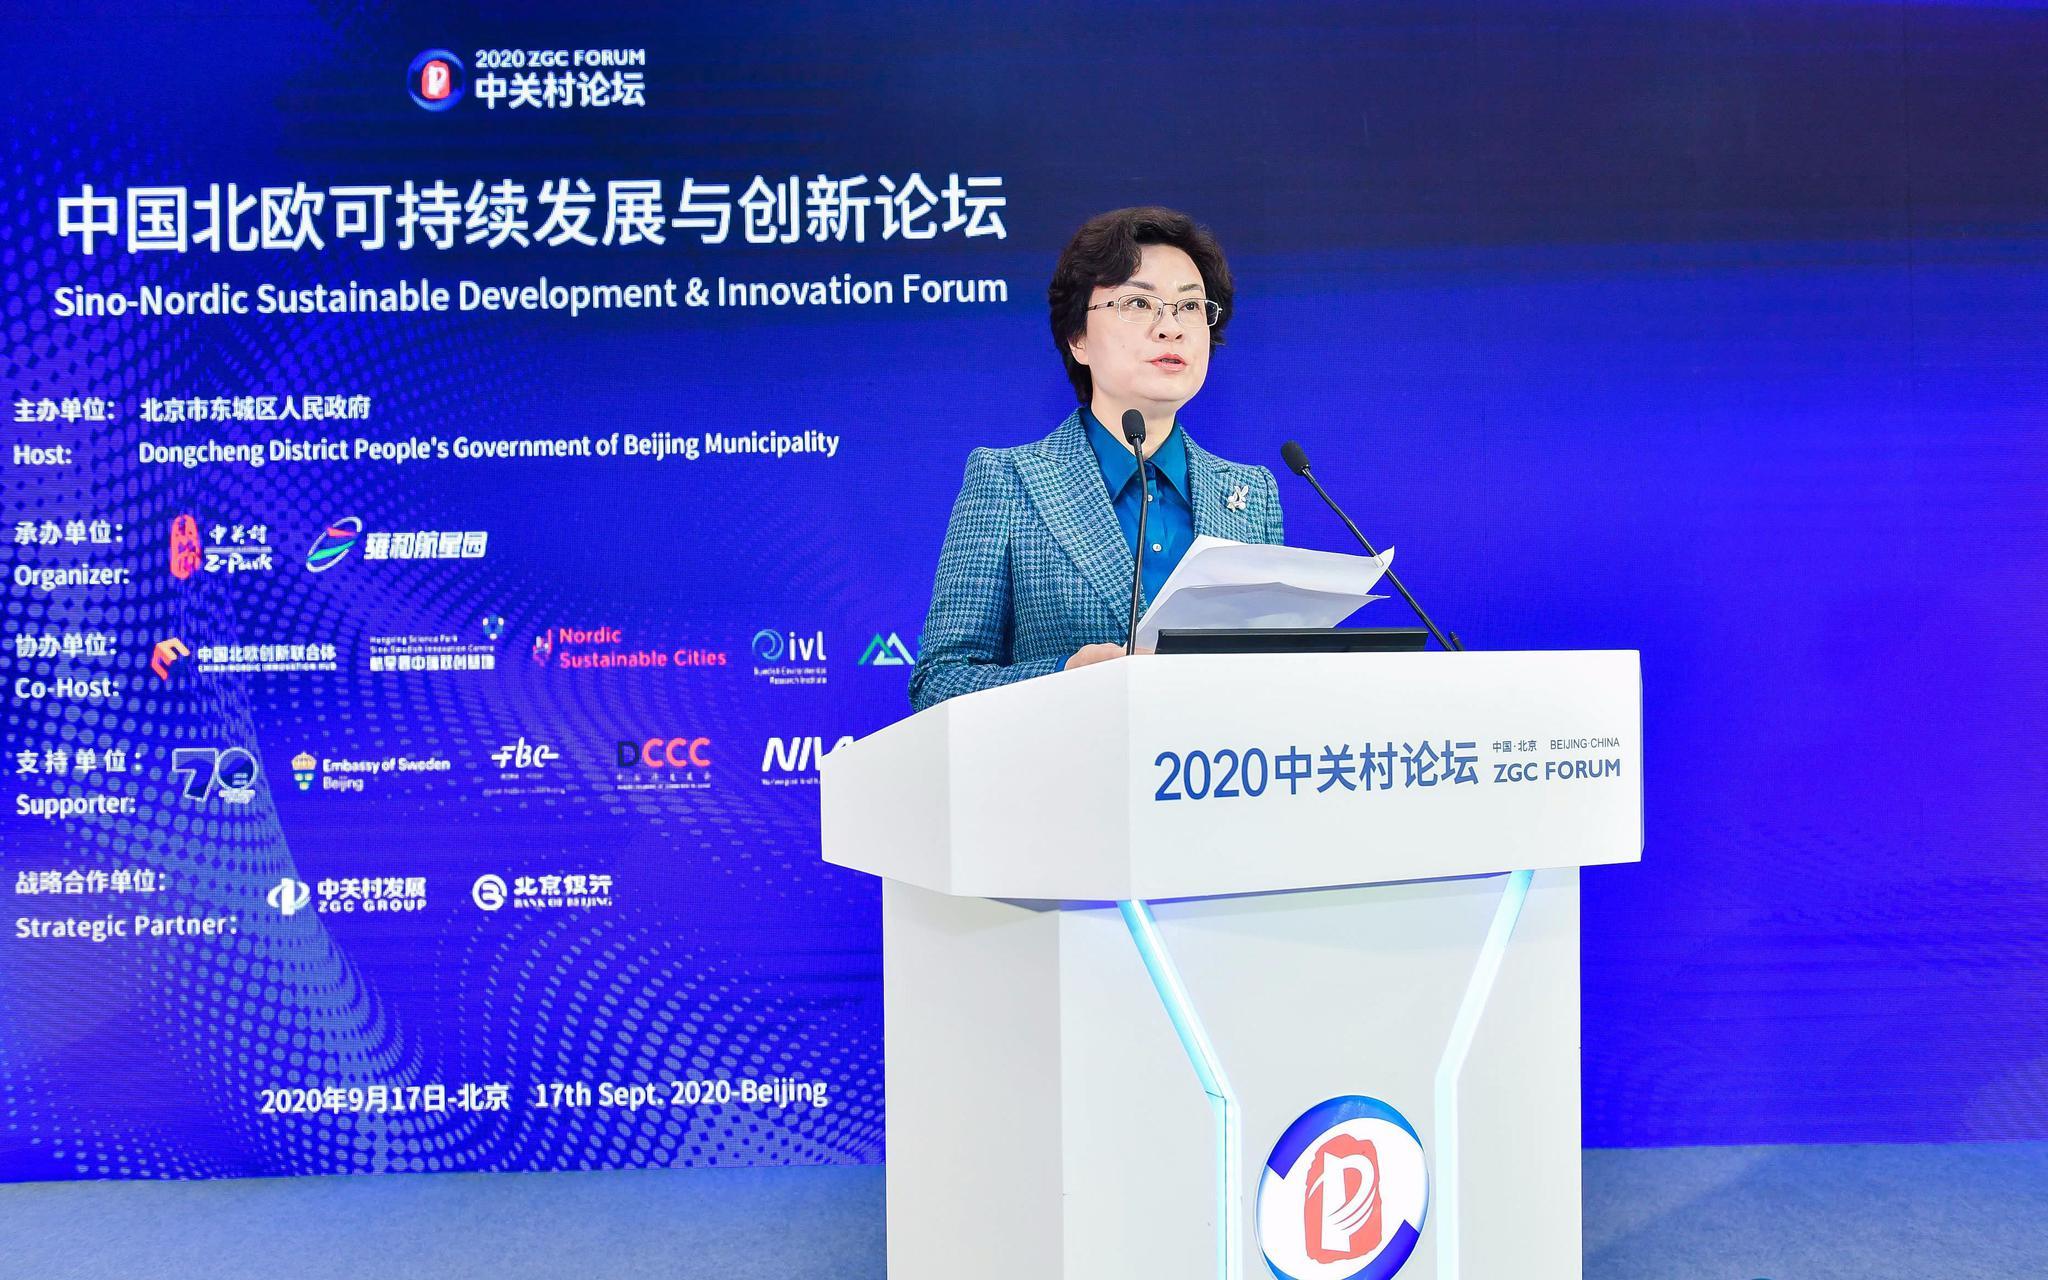 北京东城将打造以科技研发创新为核心的总部经济图片